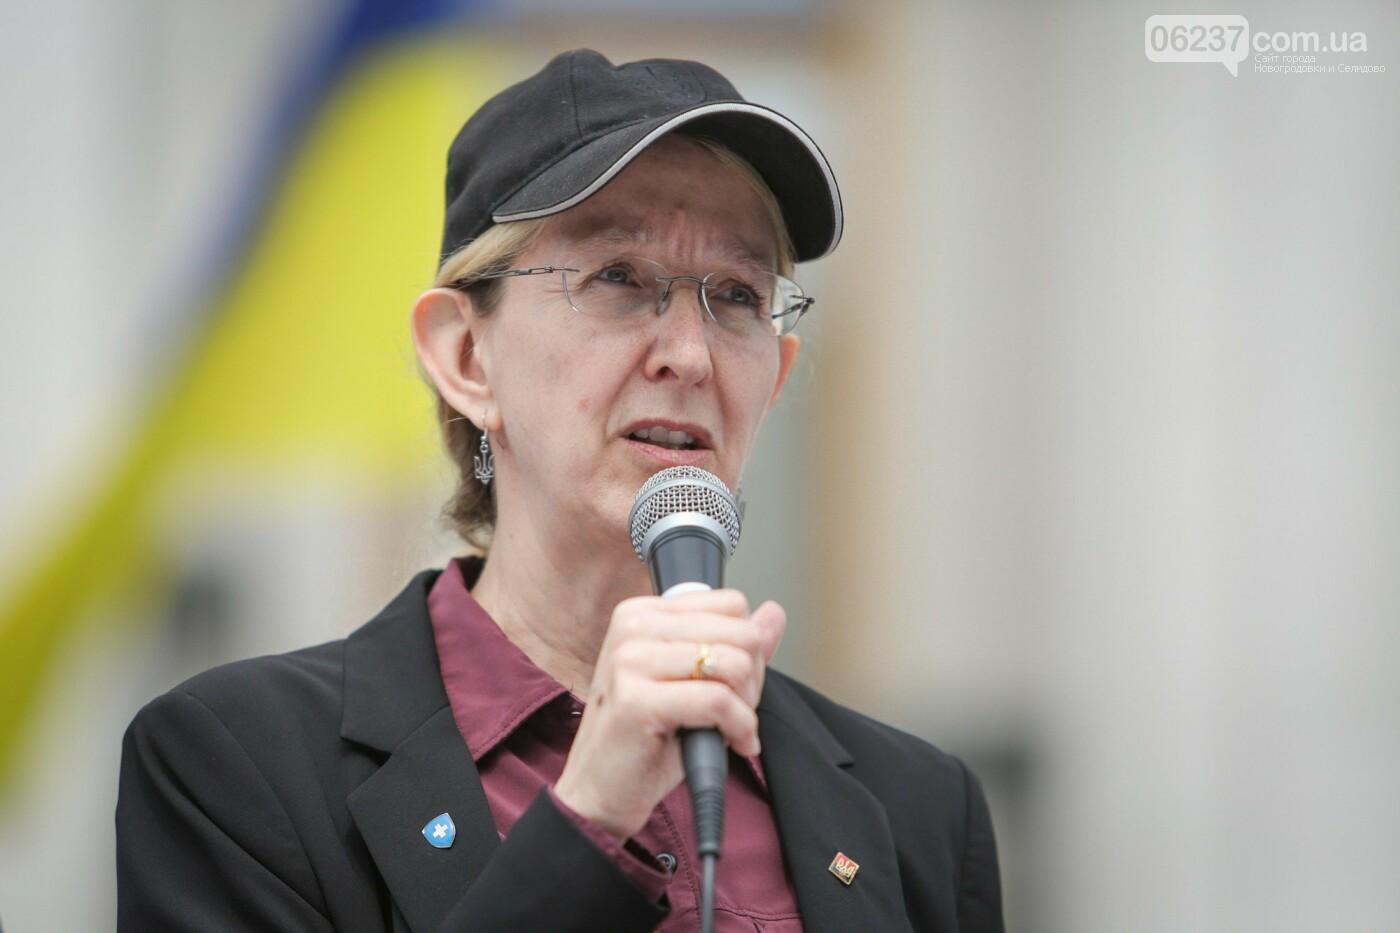 Супрун рассказала о ситуации с туберкулезом, от которого в Украине каждый день умирает 10 человек, фото-1